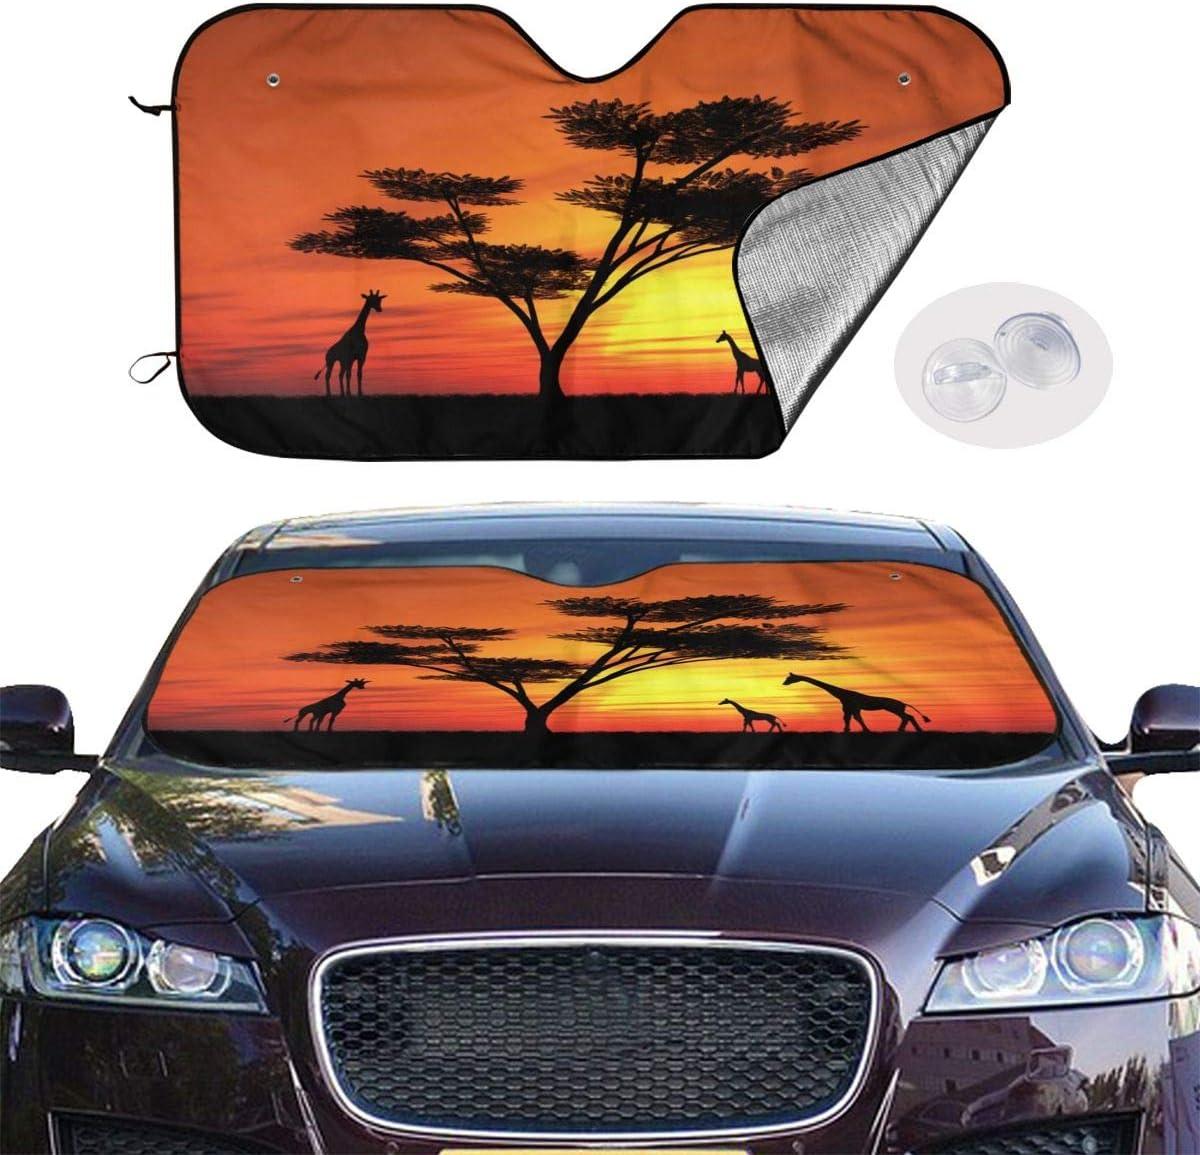 Universal Size Foldable Car Front Window Sunshade 55 x 30 UV and Heat Keep Your Car Cool Delerain Funny Trump 2020 Custom Car Windshield Sun Shade Block Sun Glare